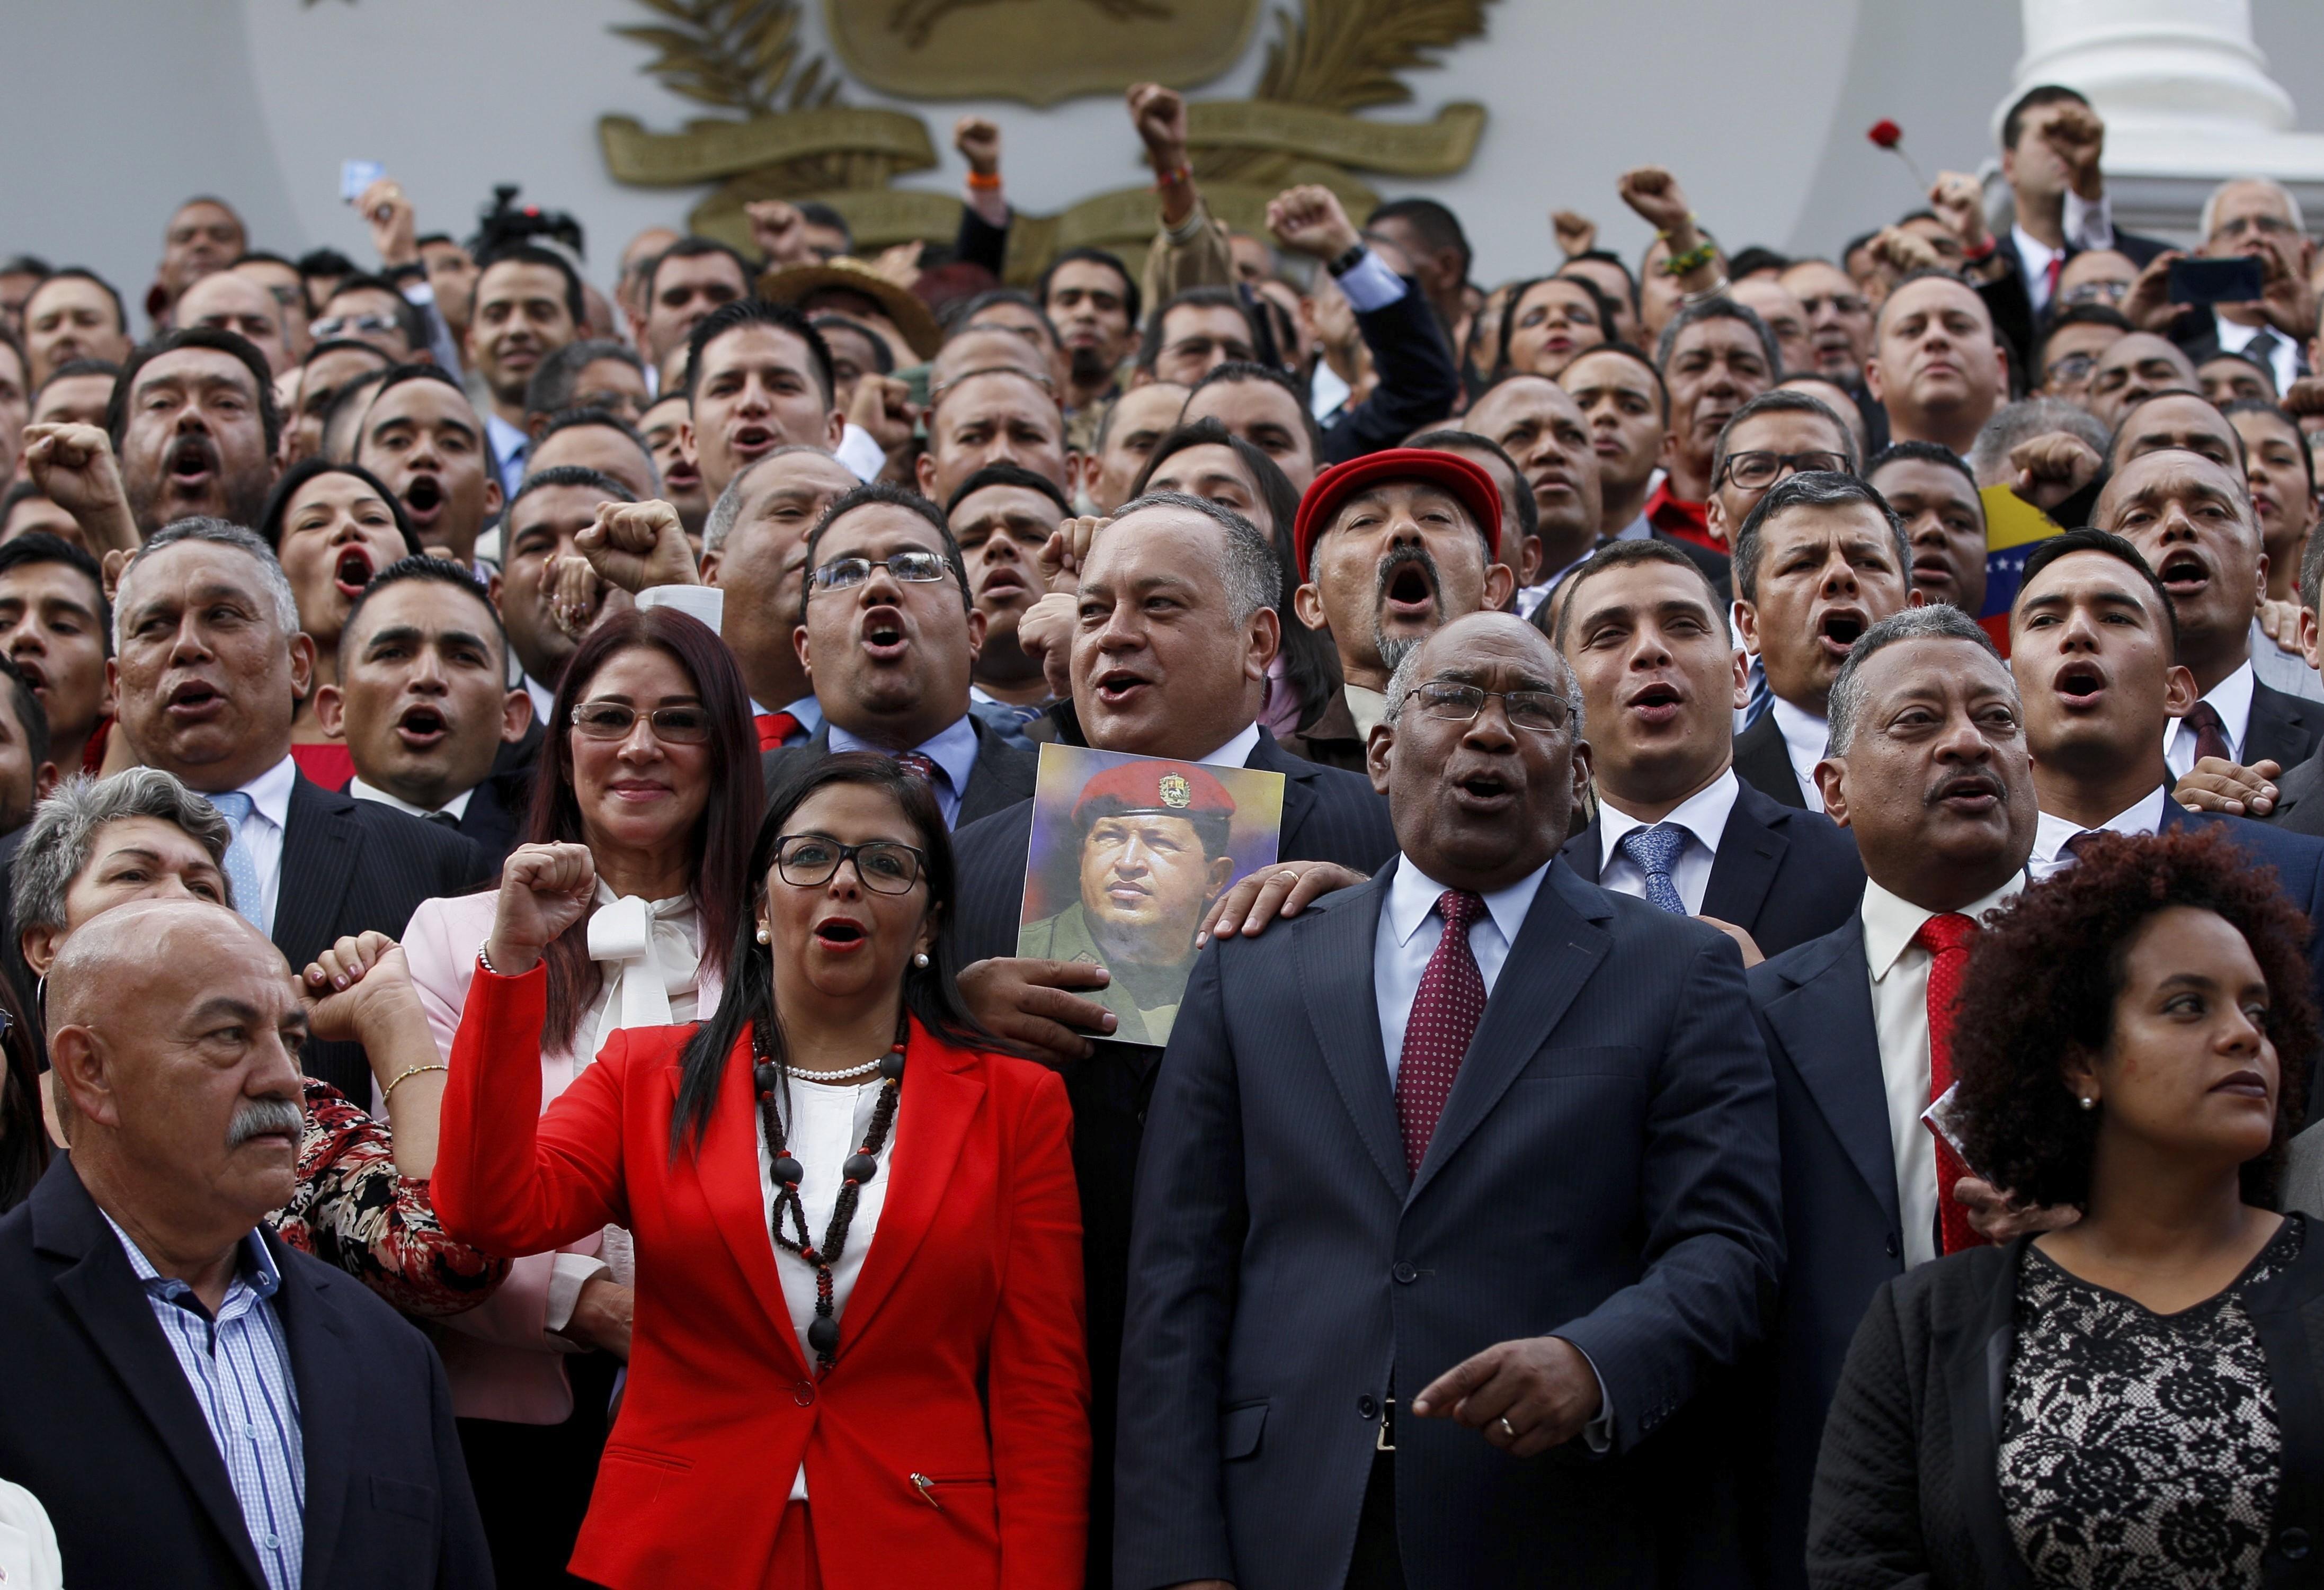 La Asamblea Constituyente disolvió el Parlamento de Venezuela por decreto